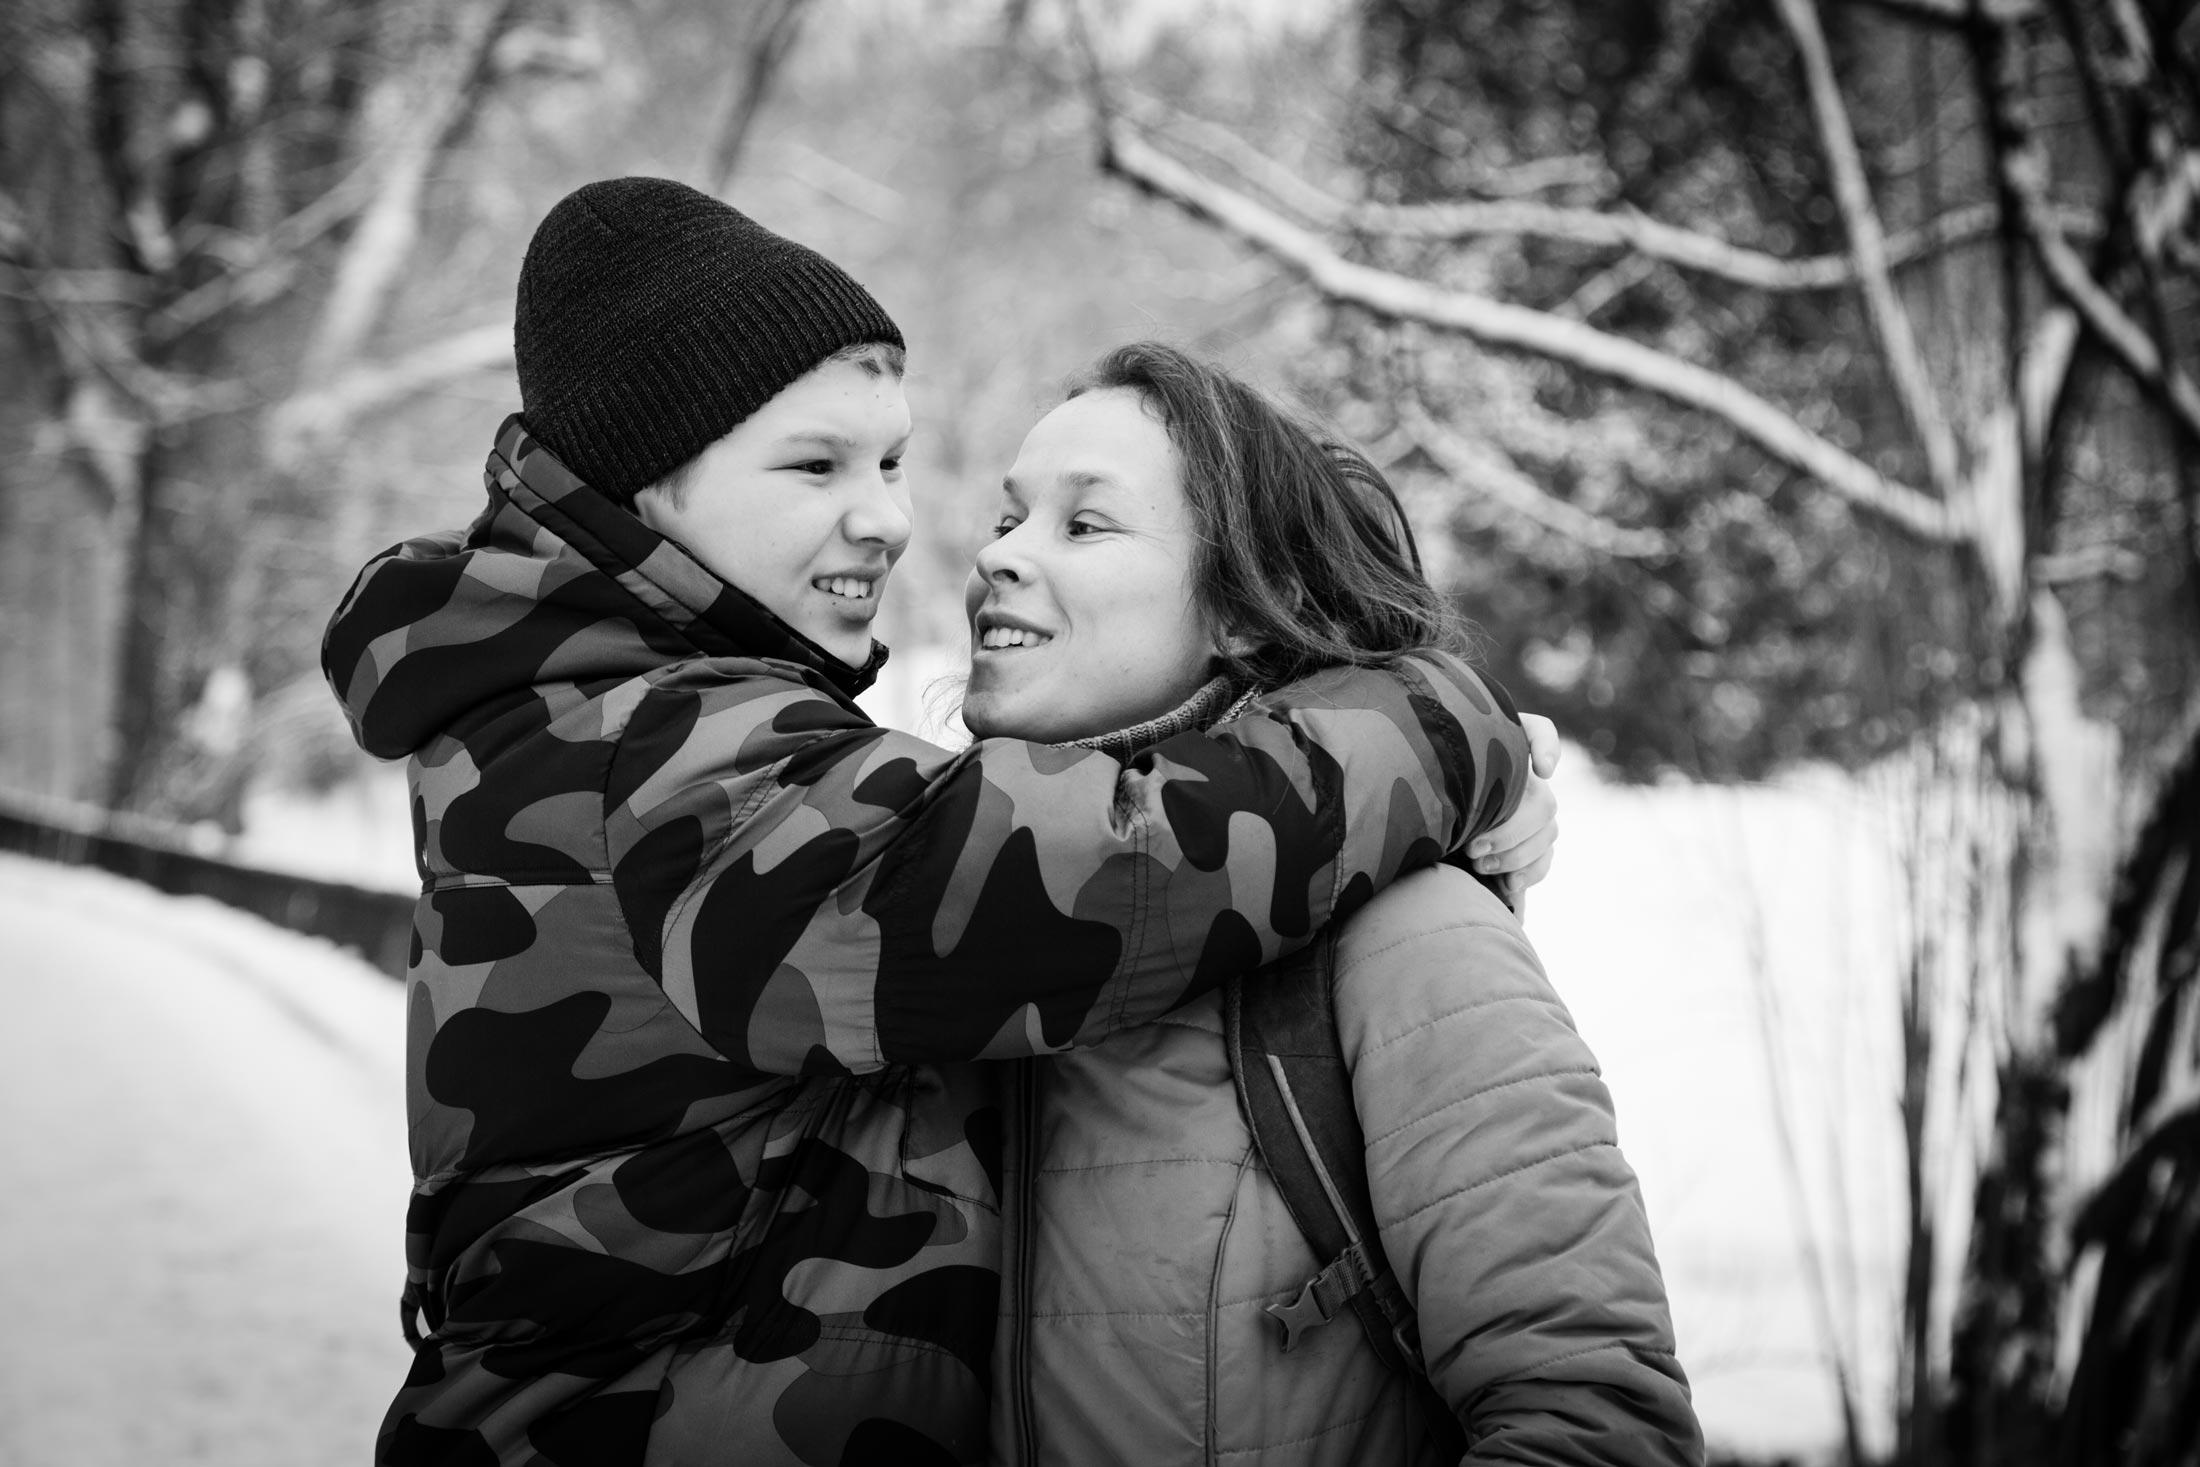 yulia pakulova trocka 01 - <b>Таке життя.</b> Як спілкуватися із батьками дітей з особливими потребами й не перетворювати розмову на щось особливе - Заборона